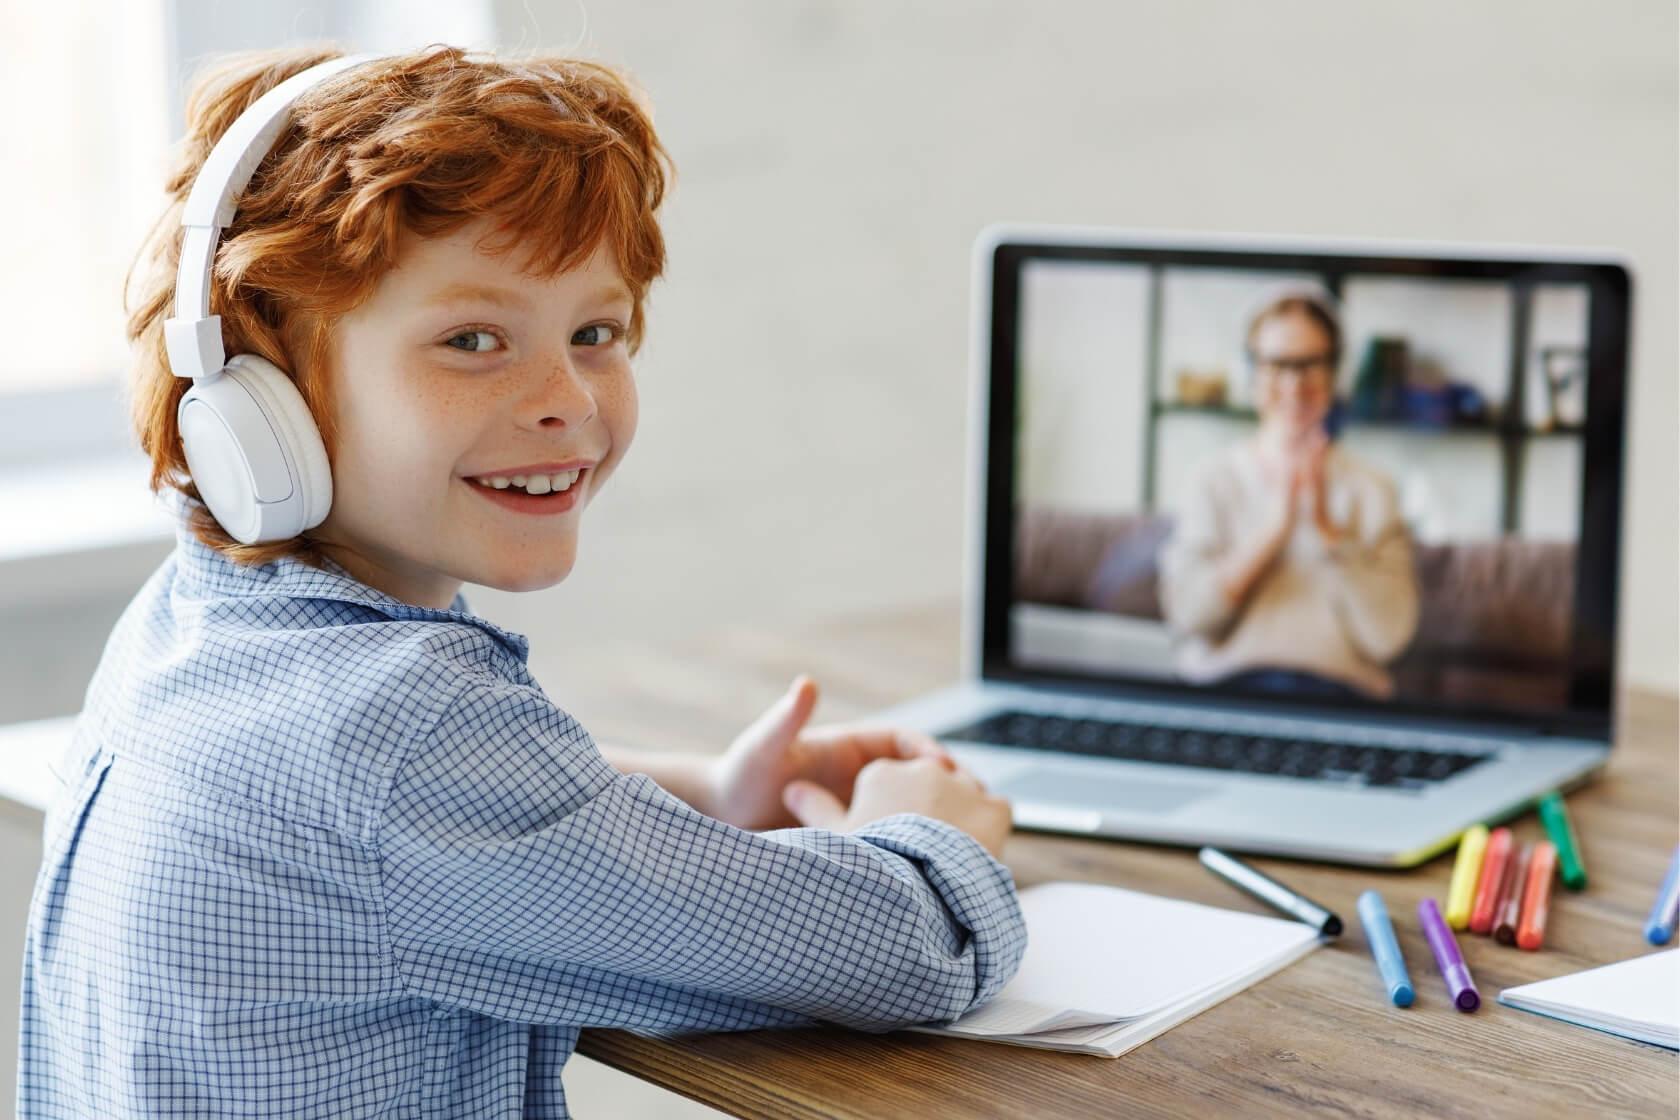 Для чего необходим тьютор в онлайн образовании